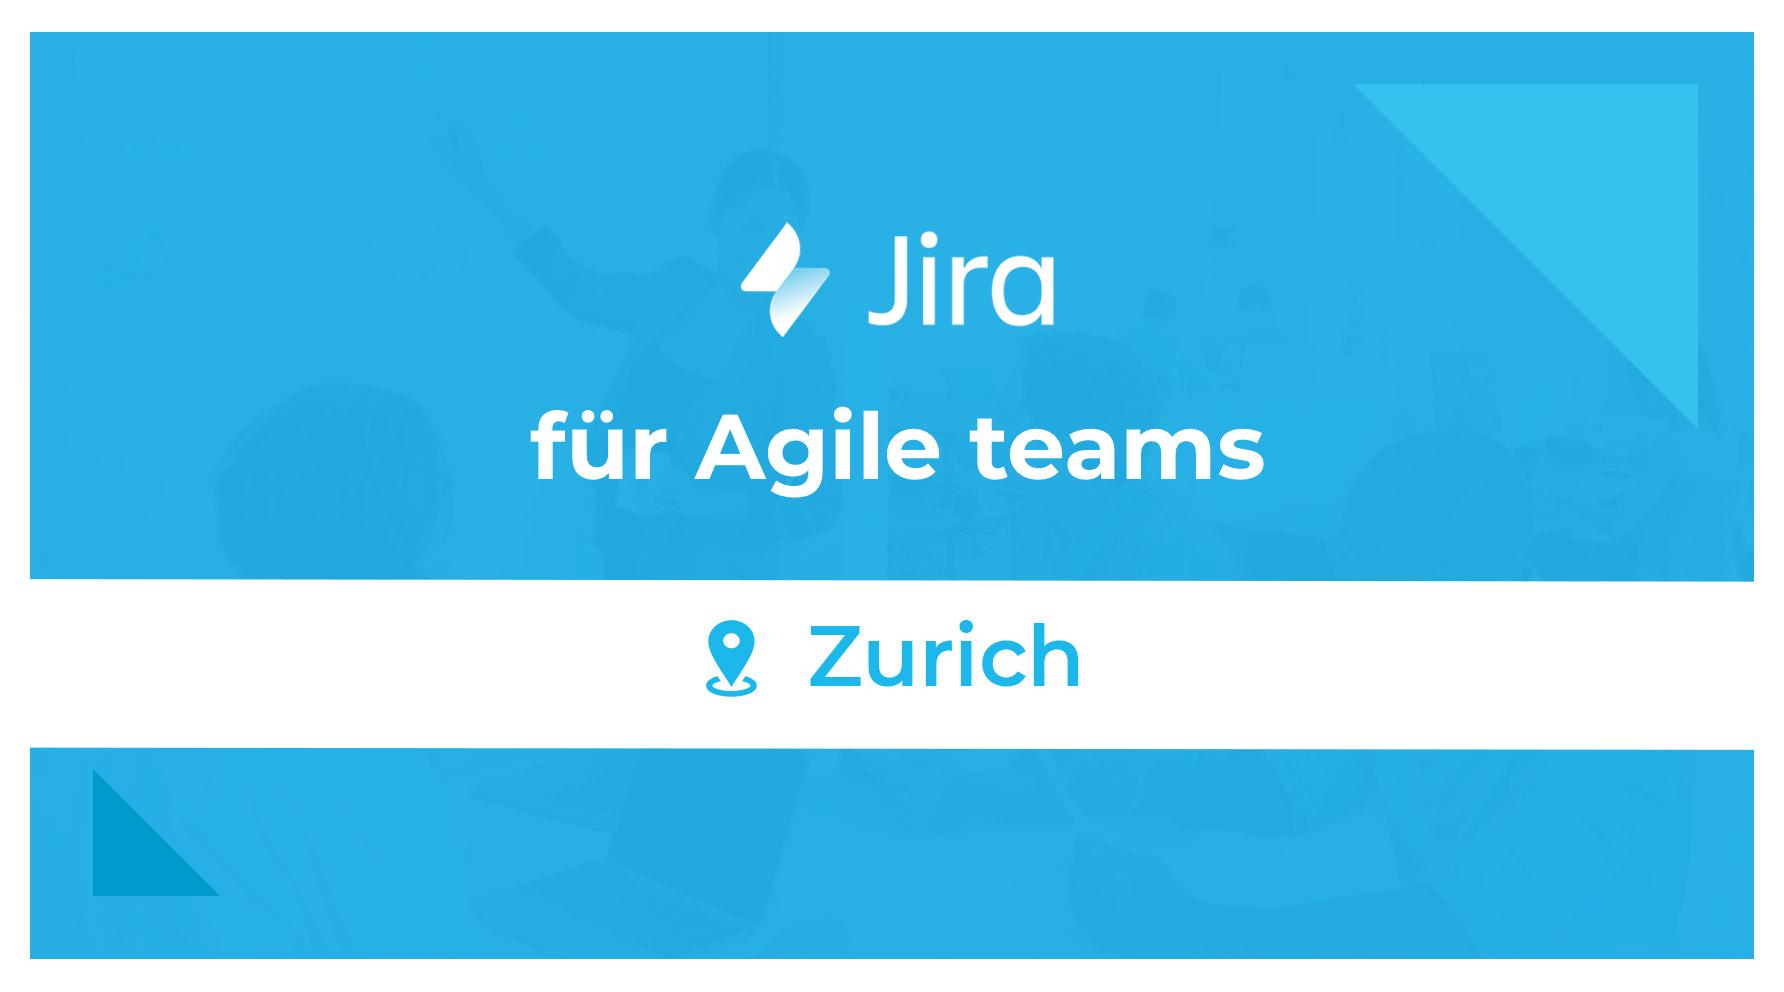 Schulung-Jira für Agile-teams-Zurich